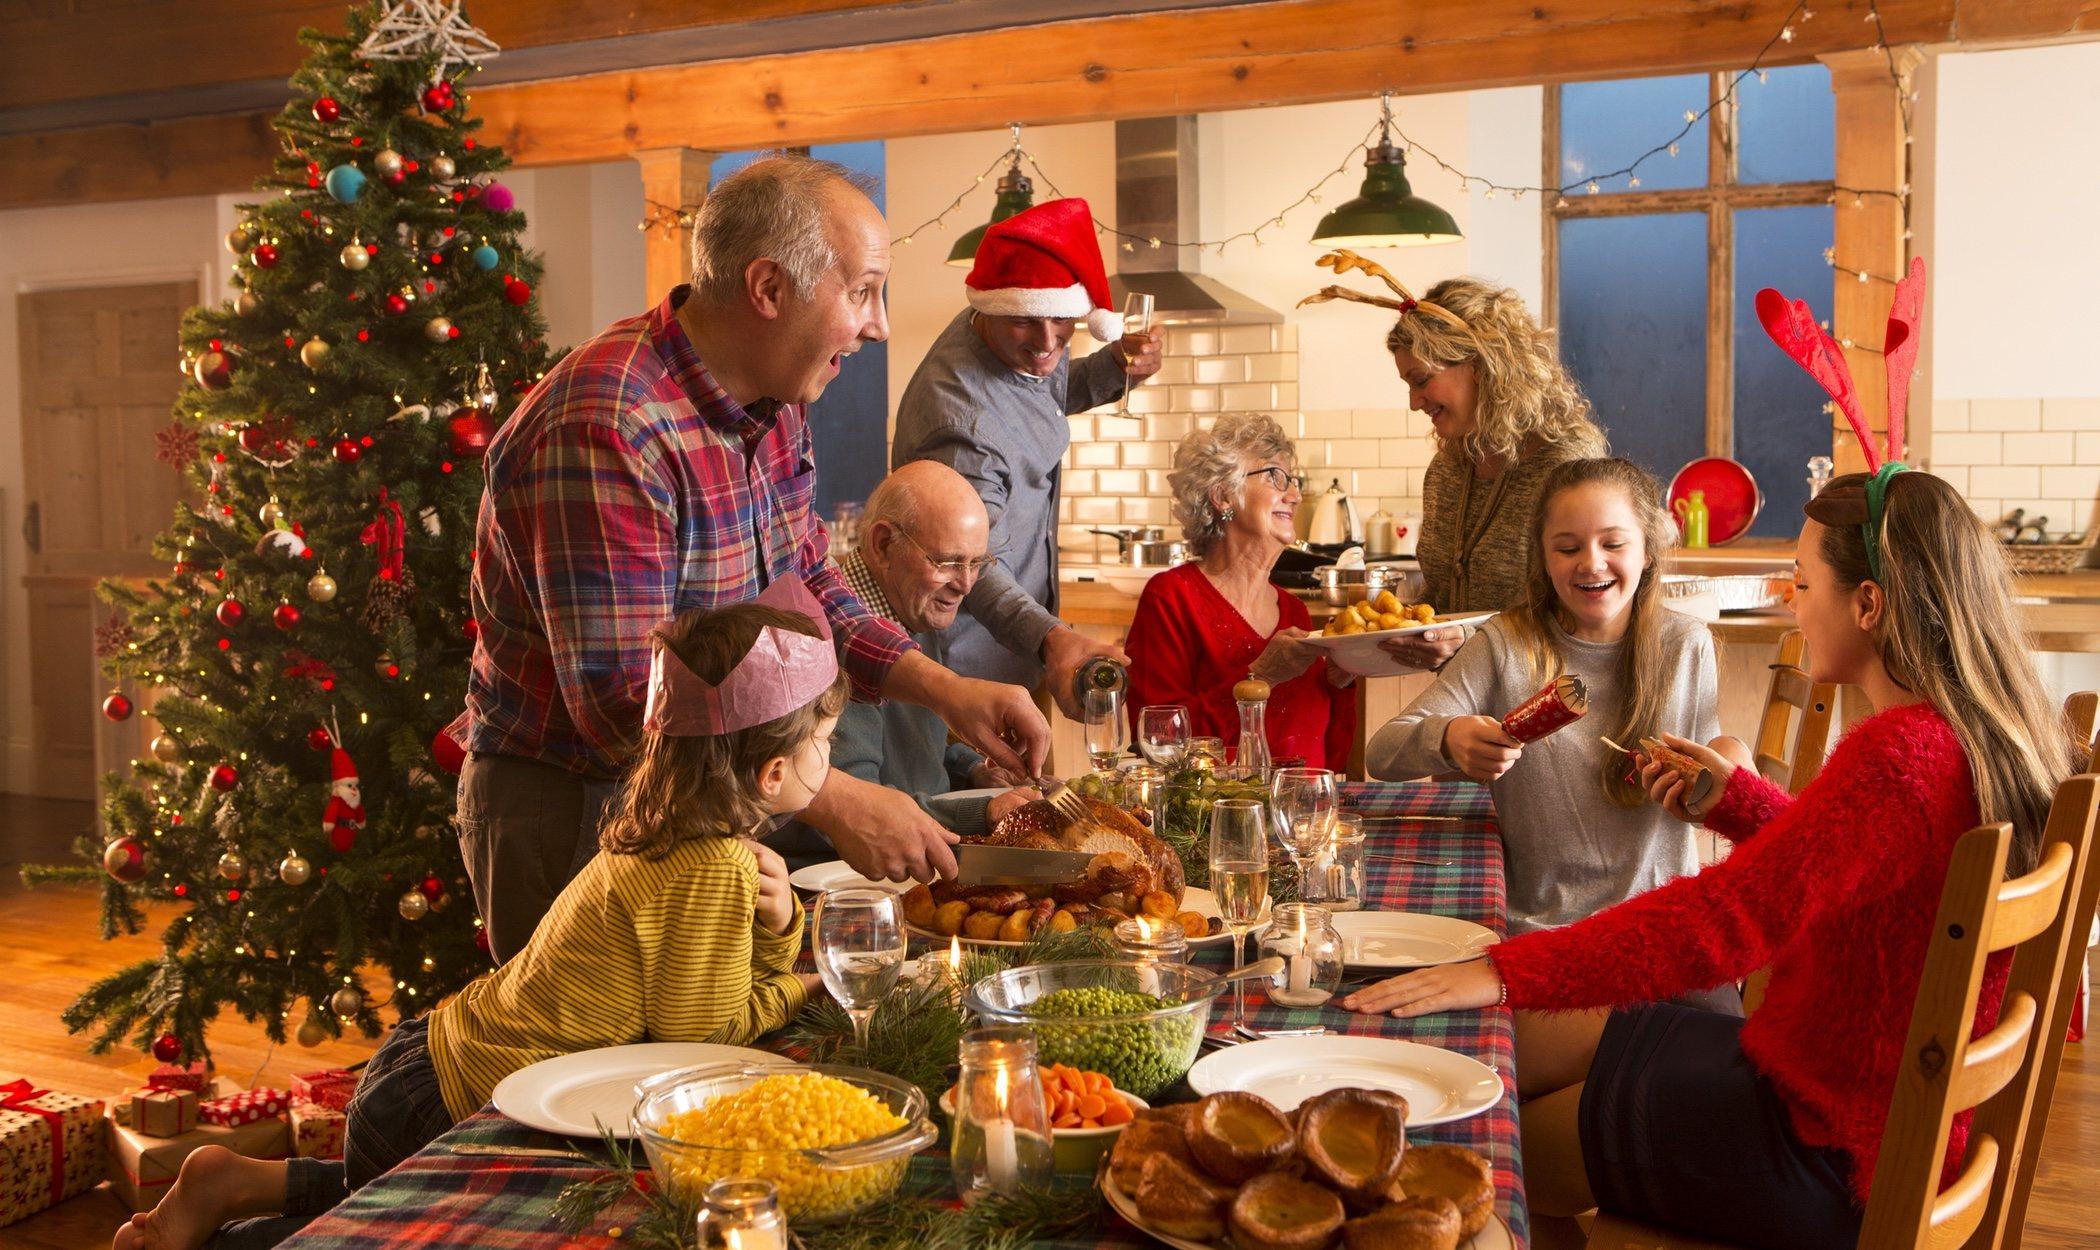 Lanzar zapatos de espaldas y otras tradiciones navideñas alrededor del mundo